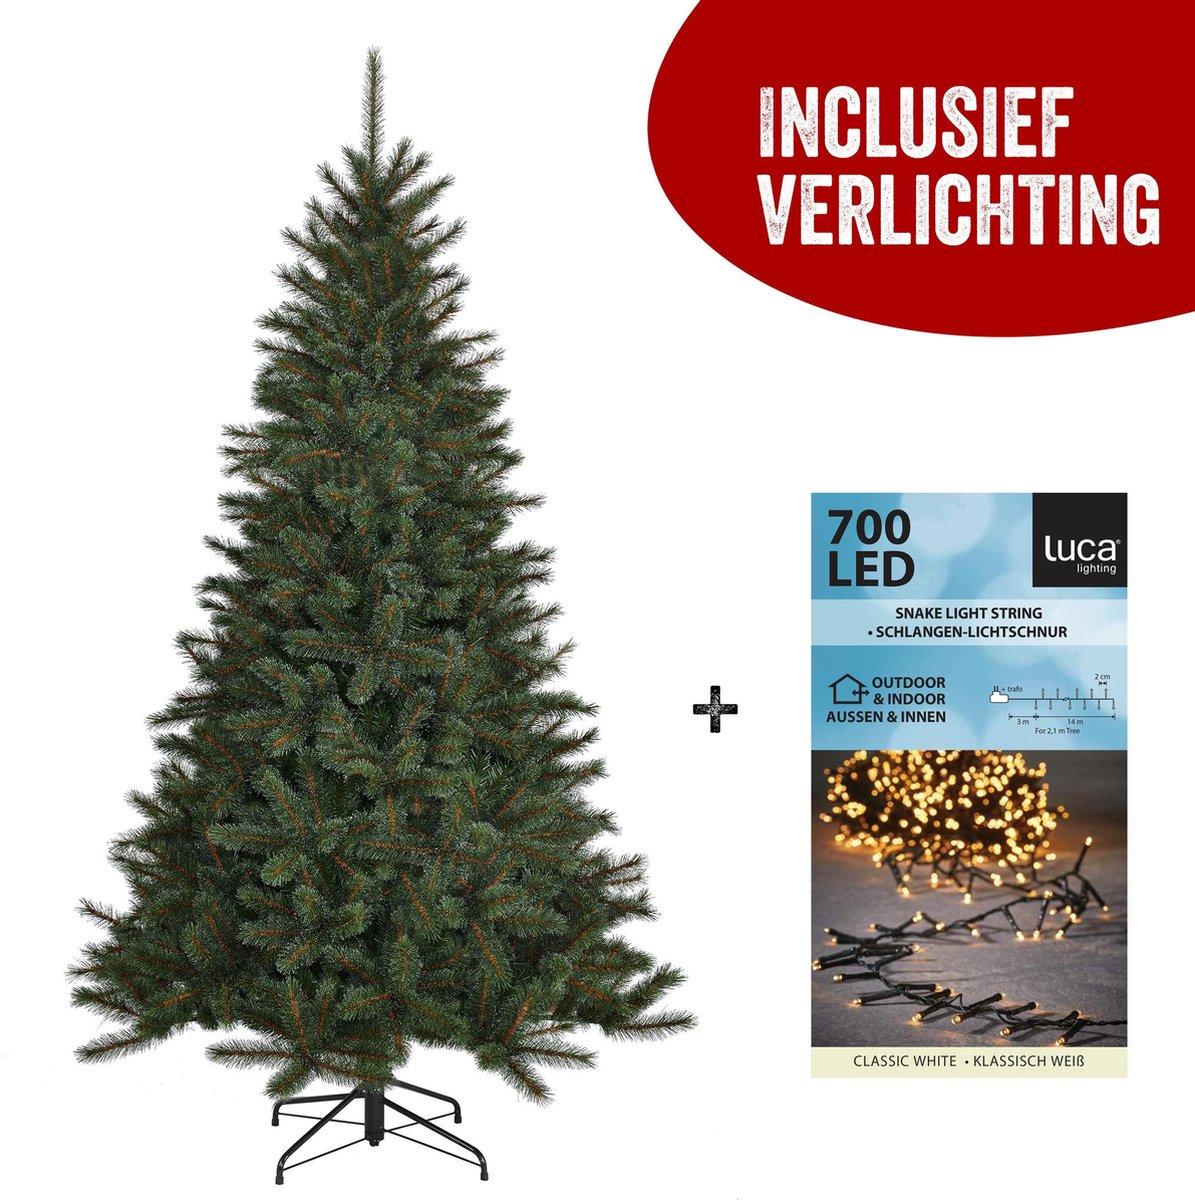 Top Trees Tulsa Kunstkerstboom met LED verlichting 2400k - H185 cm - Groen kopen